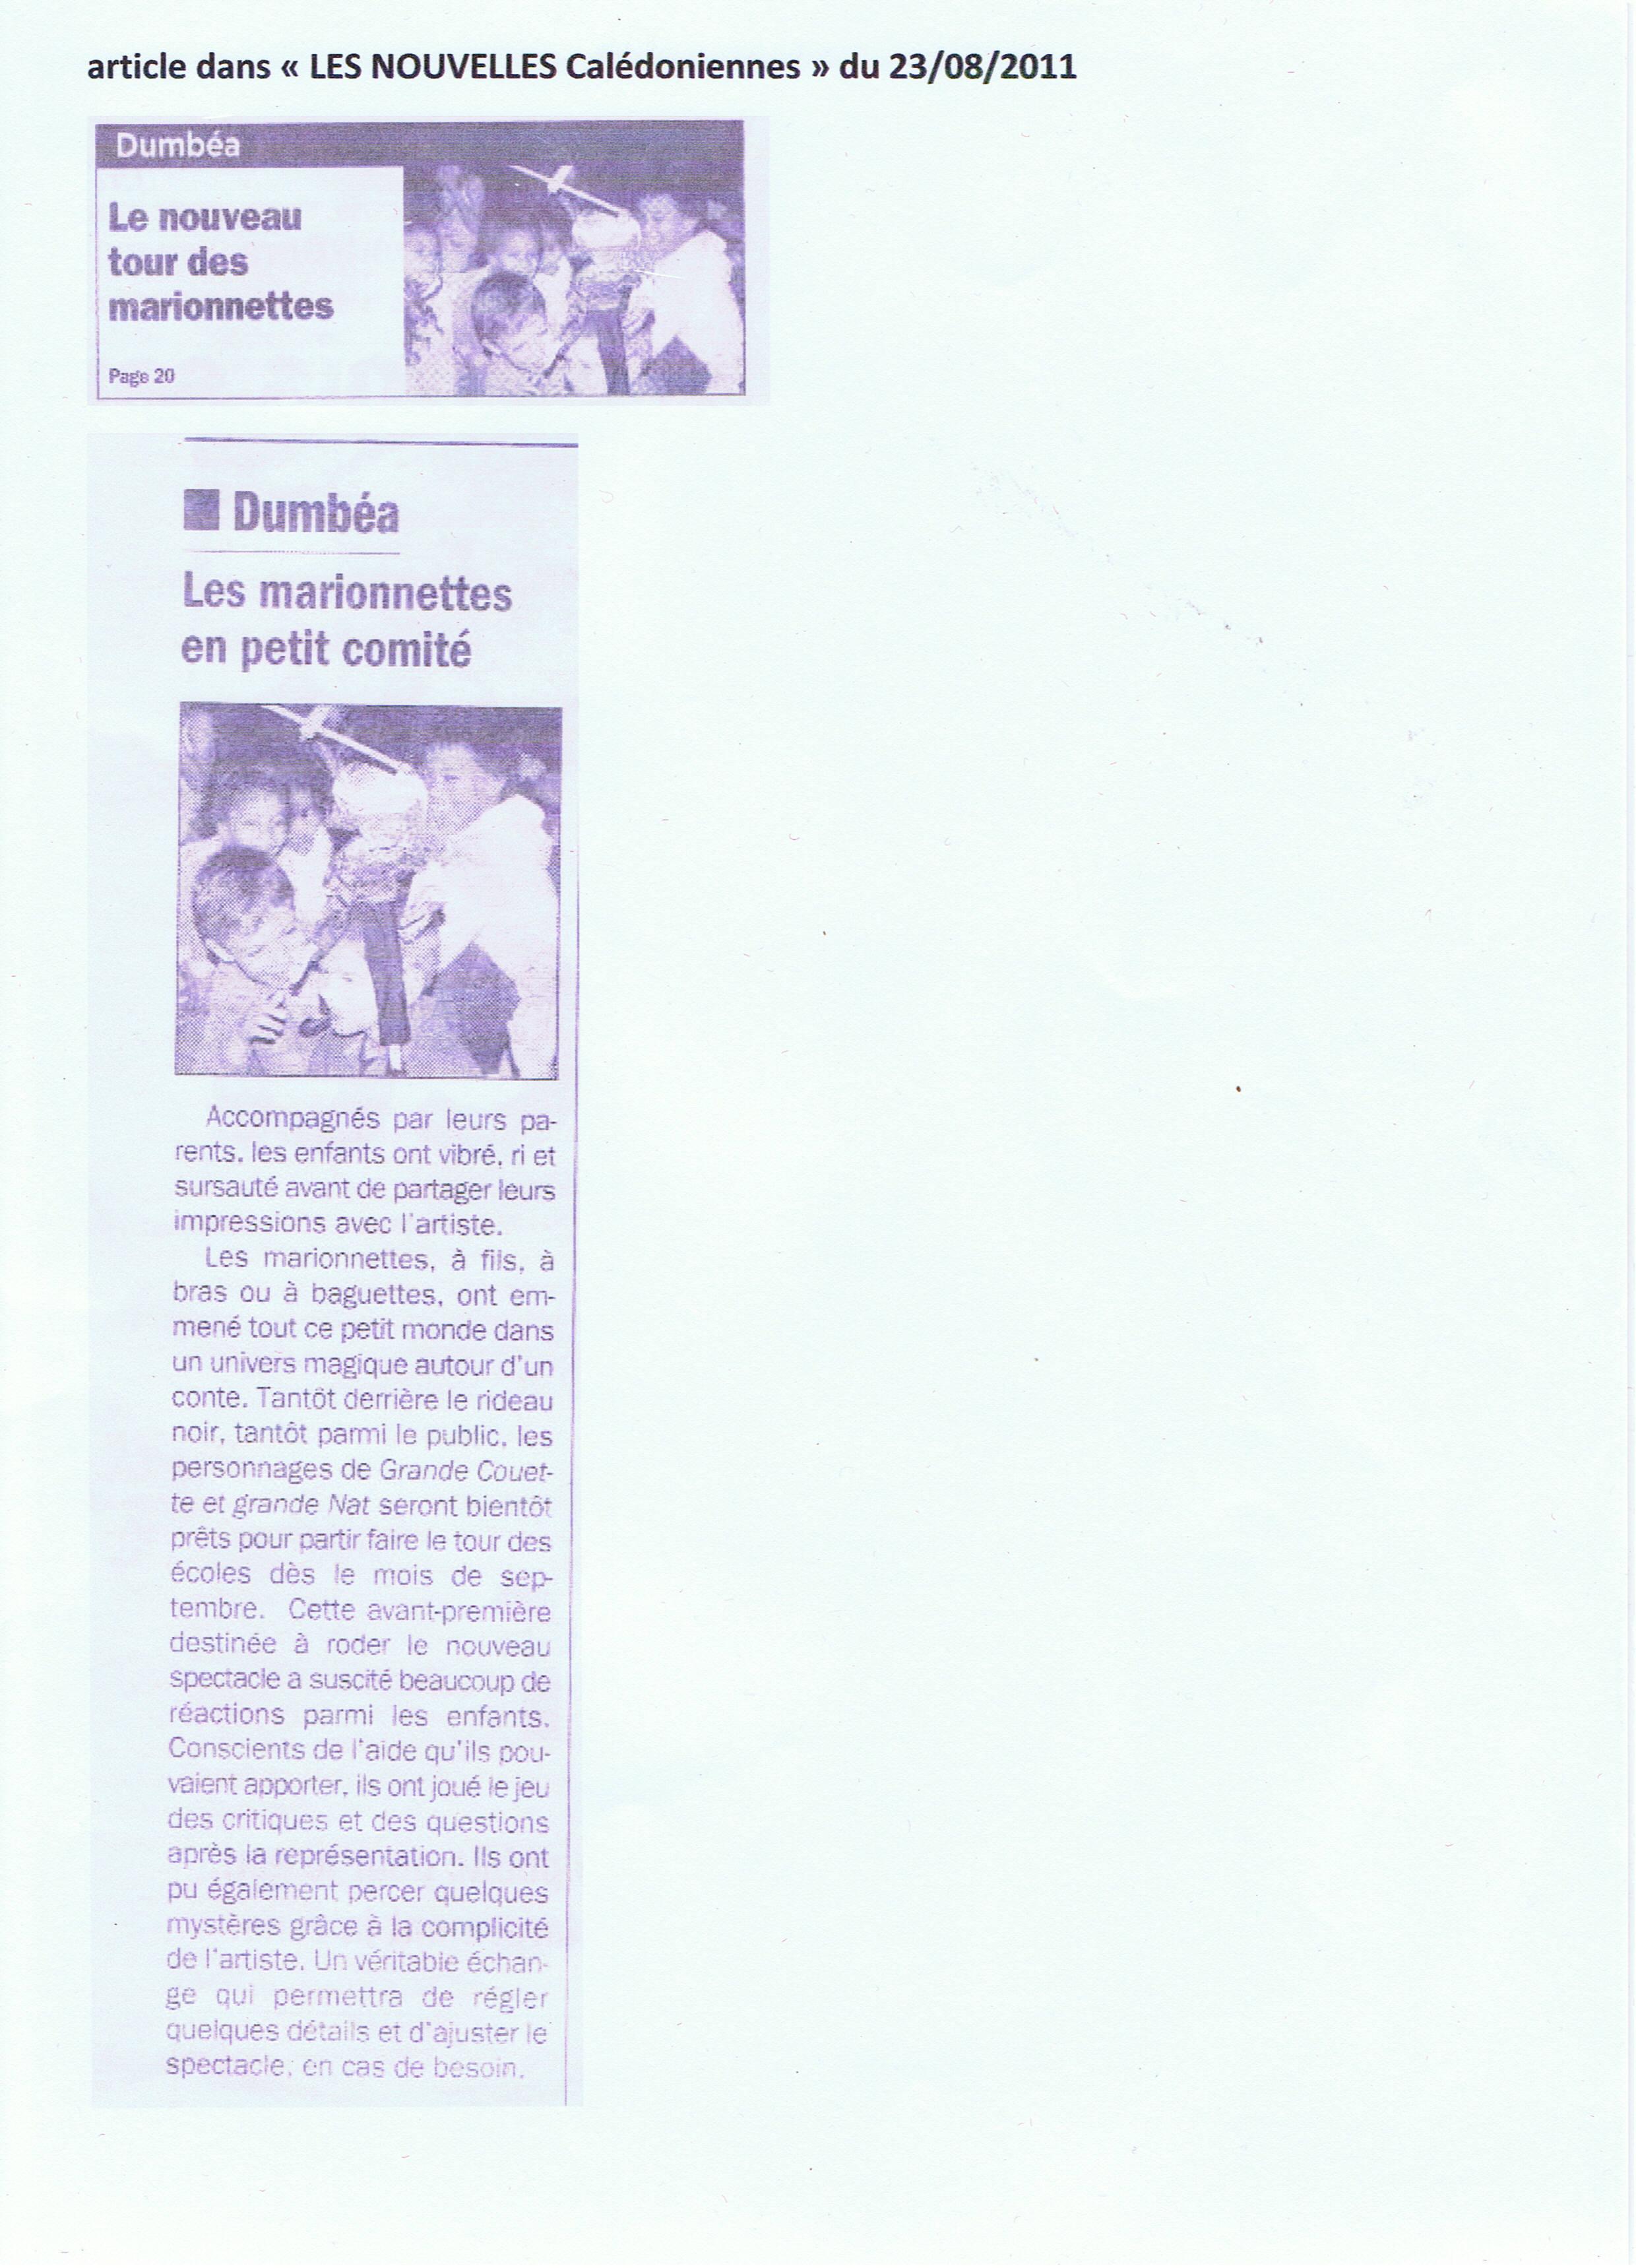 Grande Couette  LNC 23 août 2011